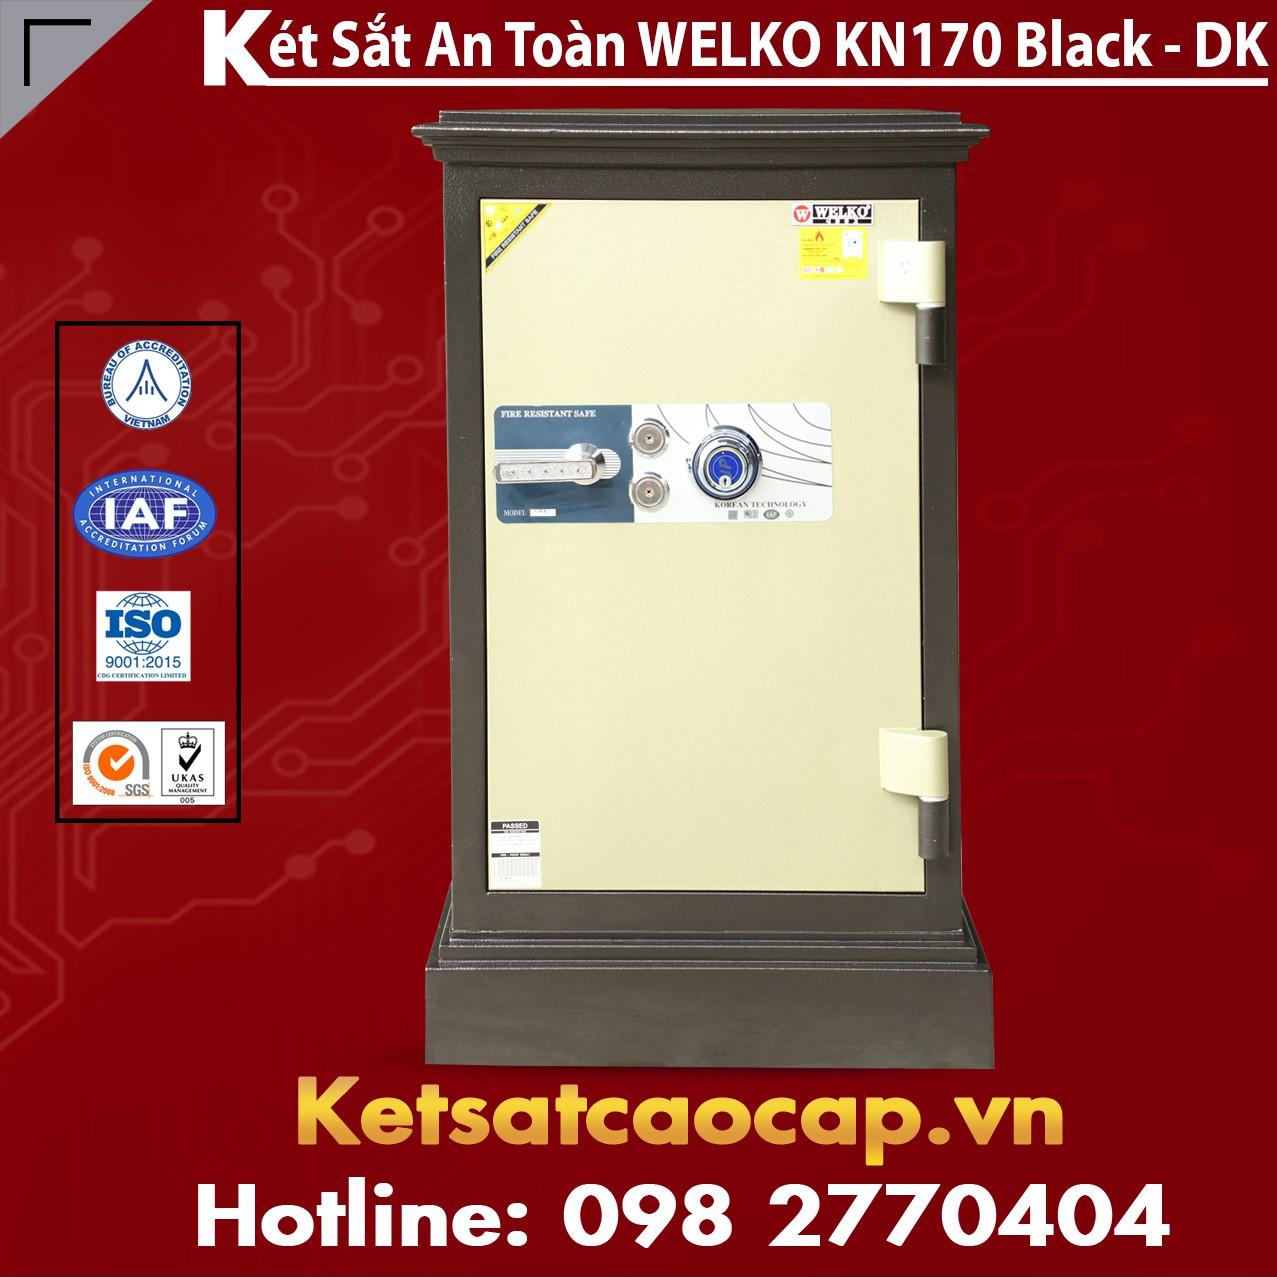 Két Sắt Chính Hãng WELKO KN170 Black - DK